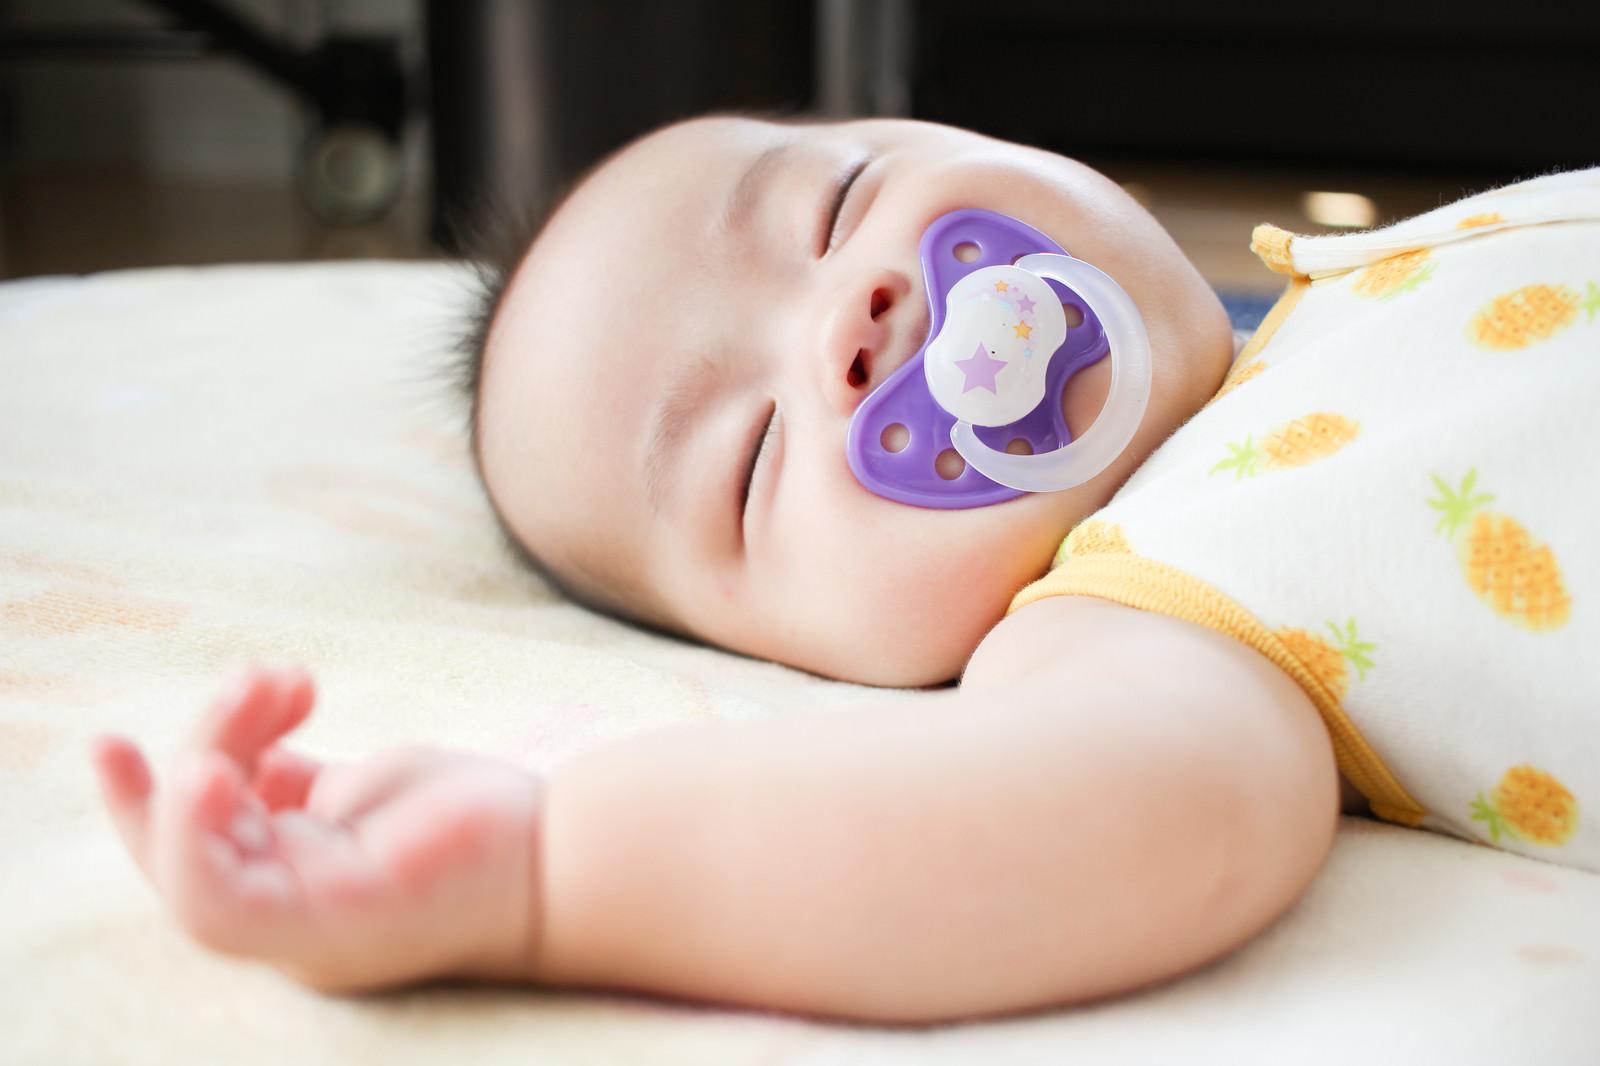 「おしゃぶりを咥えてスヤスヤ赤ちゃん」の写真